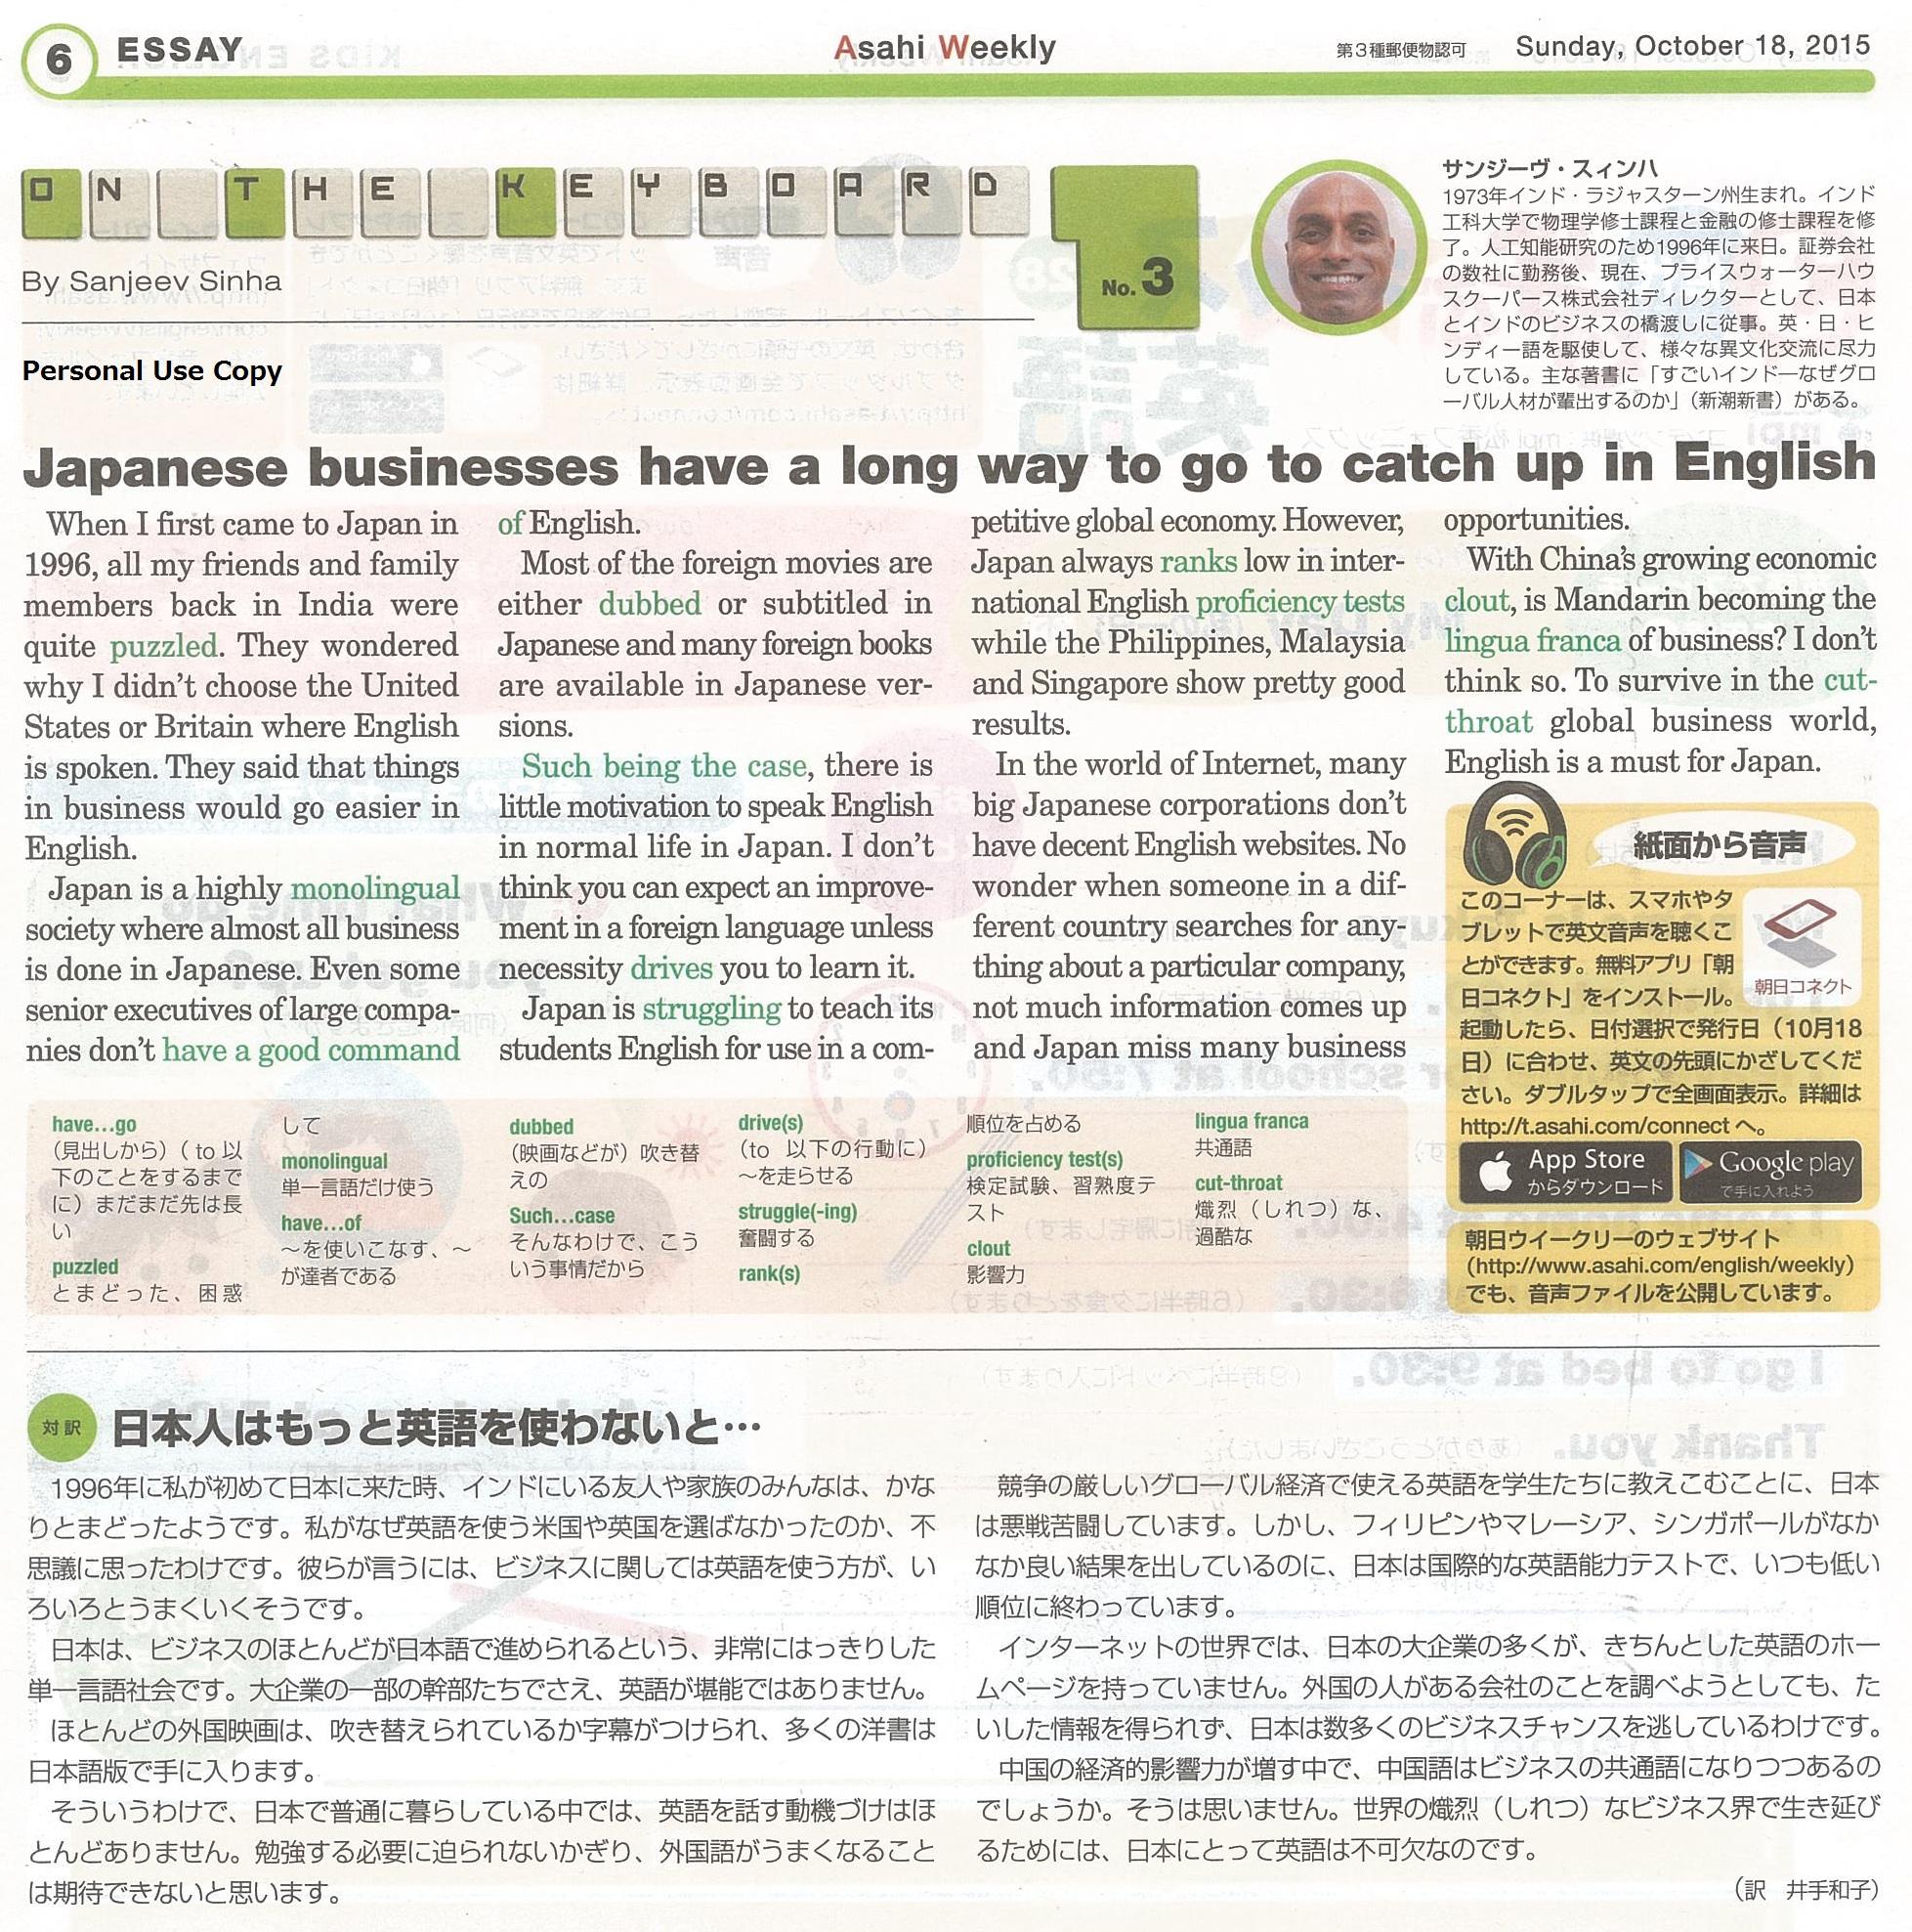 AsahiWeeklyEnglishInJapanBySanjeevCRCP